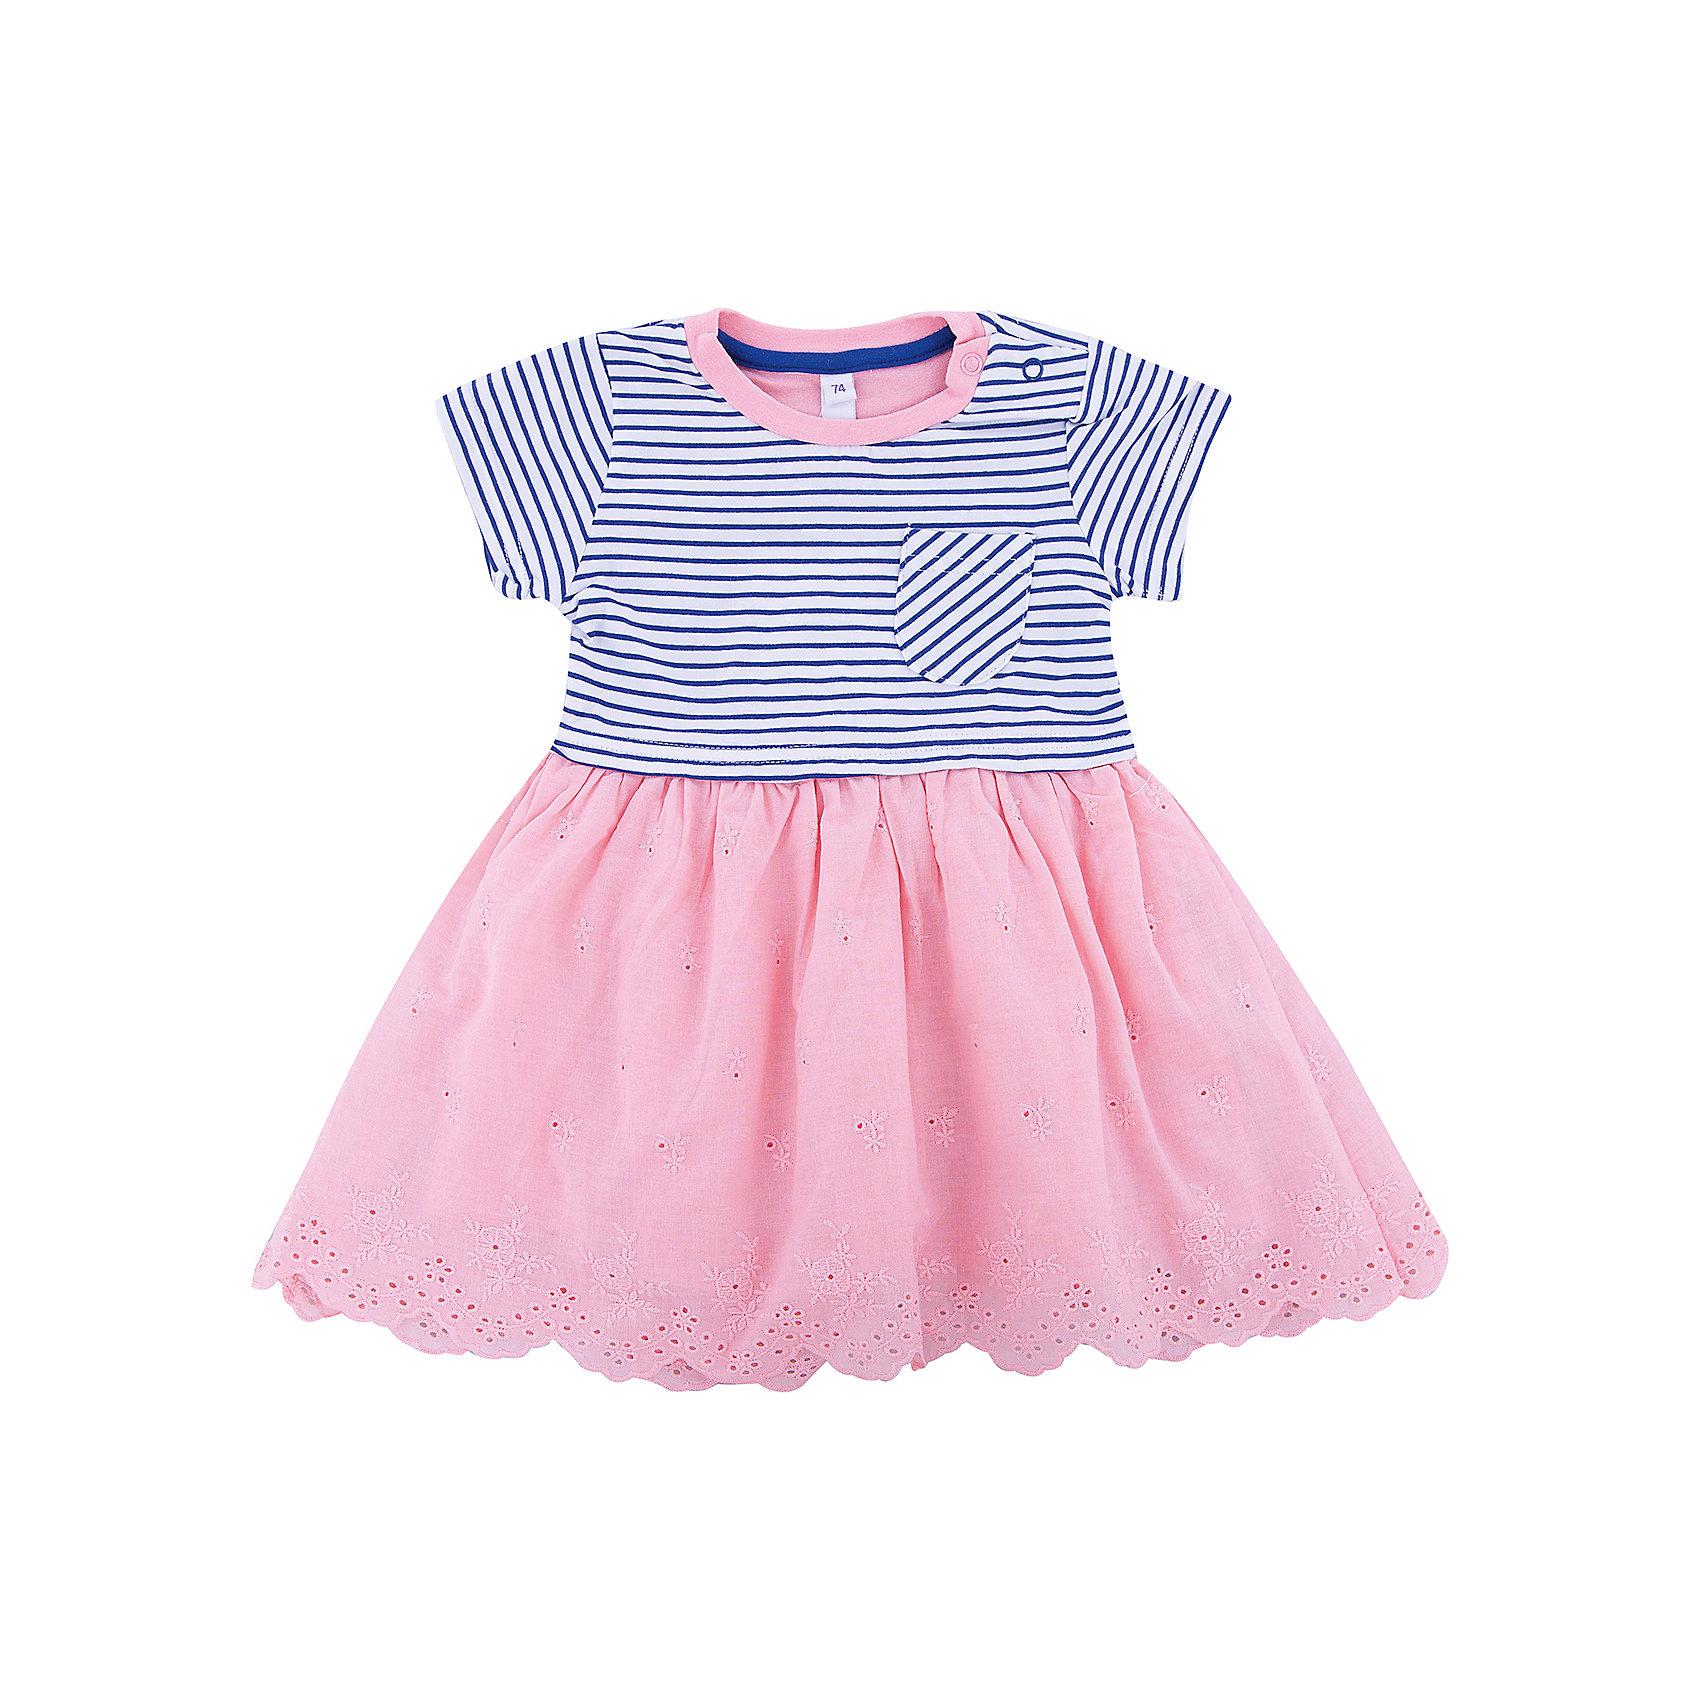 Платье для девочки PlayTodayПлатья<br>Характеристики товара:<br><br>• цвет: разноцветный<br>• состав: 95% хлопок, 5% эластан / 100% хлопок<br>• короткие рукава<br>• качественный материал<br>• ажурный подол<br>• комфортная посадка<br>• коллекция: весна-лето 2017<br>• страна бренда: Германия<br>• страна производства: Китай<br><br>Популярный бренд PlayToday выпустил новую коллекцию! Вещи из неё продолжают радовать покупателей удобством, стильным дизайном и продуманным кроем. Дети носят их с удовольствием. PlayToday - это линейка товаров, созданная специально для детей. Дизайнеры учитывают новые веяния моды и потребности детей. Порадуйте ребенка обновкой от проверенного производителя!<br>Эта модель обеспечит ребенку комфорт благодаря качественному материалу и удобному крою. С её помощью можно сделать интересный акцент в образе, дополнить наряд и одеться по погоде. Очень модная вещь! Выглядит стильно и аккуратно.<br><br>Платье для девочки от известного бренда Scool можно купить в нашем интернет-магазине.<br><br>Ширина мм: 236<br>Глубина мм: 16<br>Высота мм: 184<br>Вес г: 177<br>Цвет: белый<br>Возраст от месяцев: 12<br>Возраст до месяцев: 15<br>Пол: Женский<br>Возраст: Детский<br>Размер: 80,86,92,74<br>SKU: 5408273